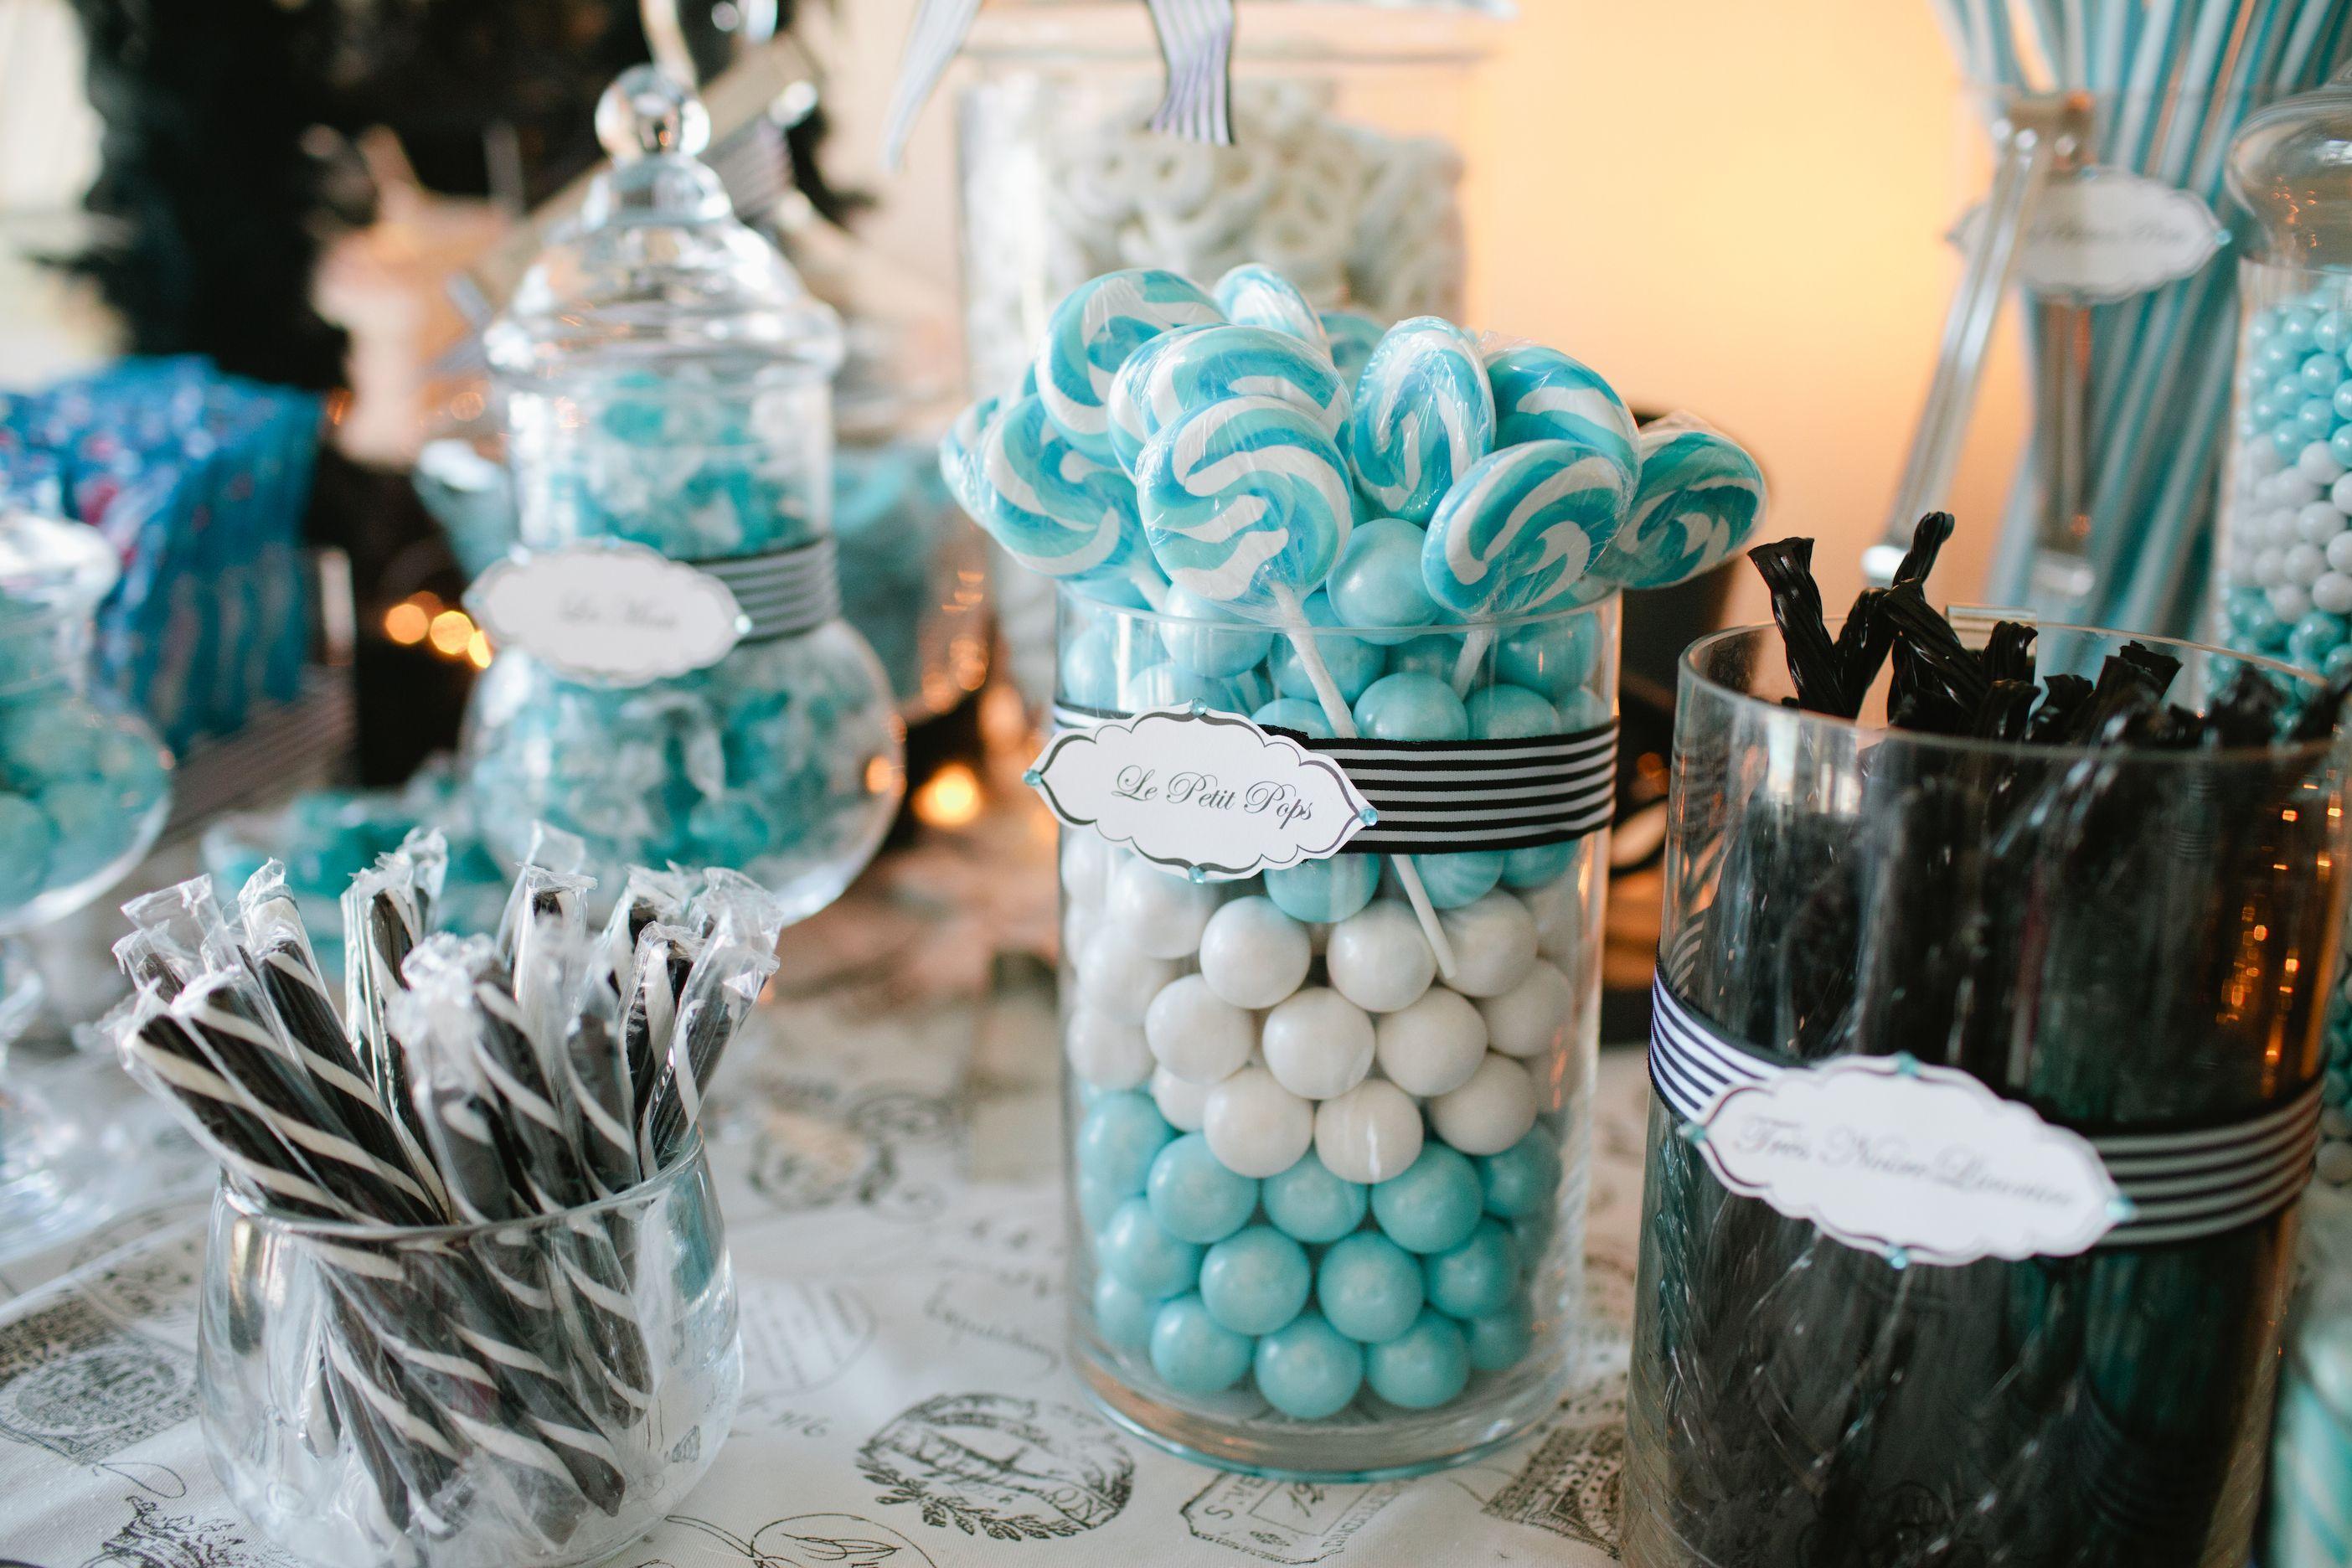 36dbc8570bf Candy Table Paris theme - Tiffany Blue, white and black | Paris ...